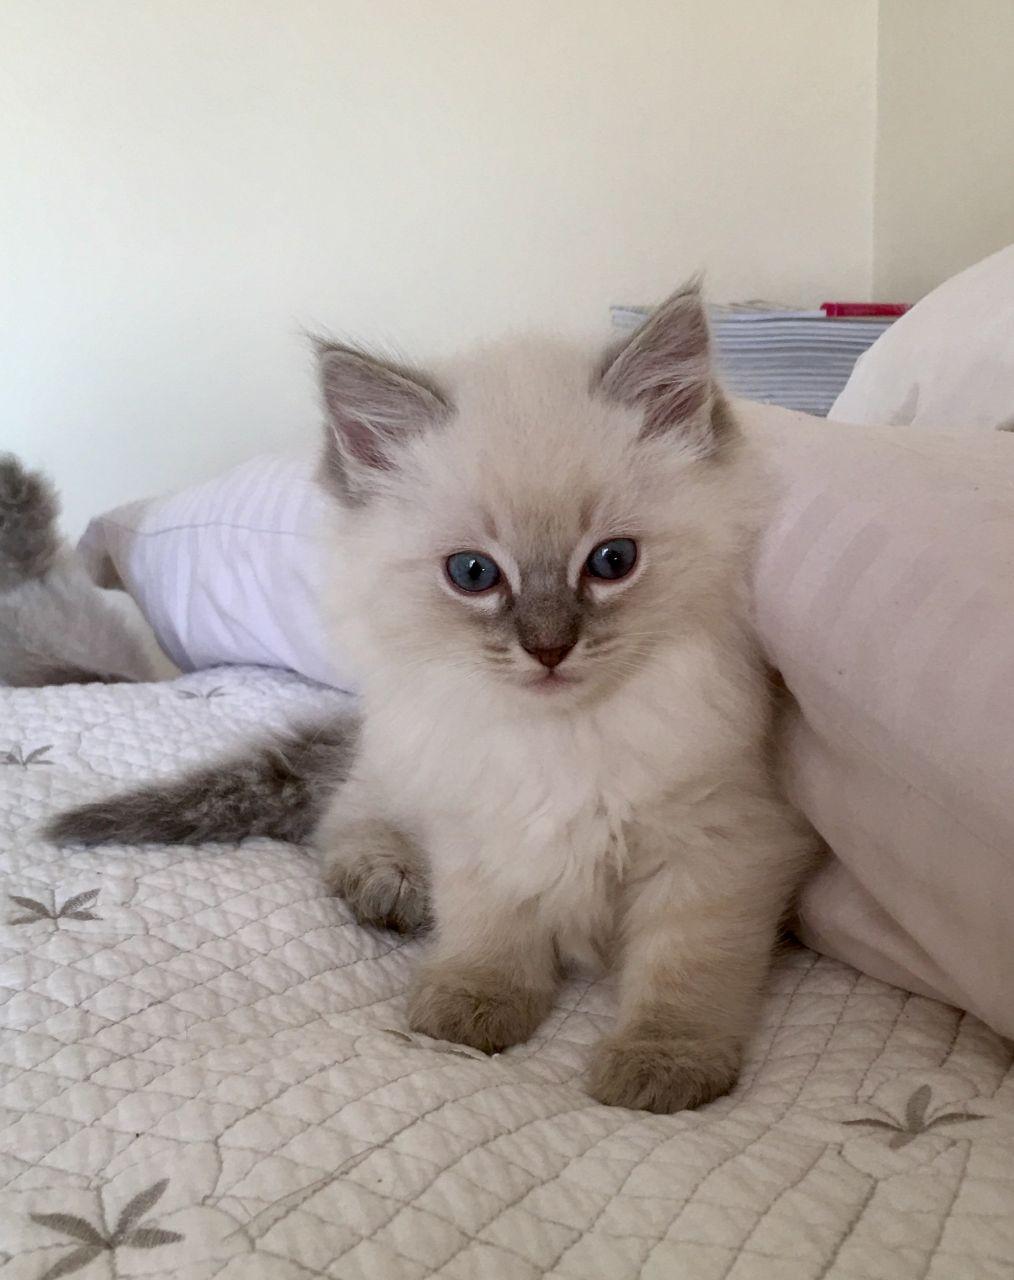 beautiful photos of cats